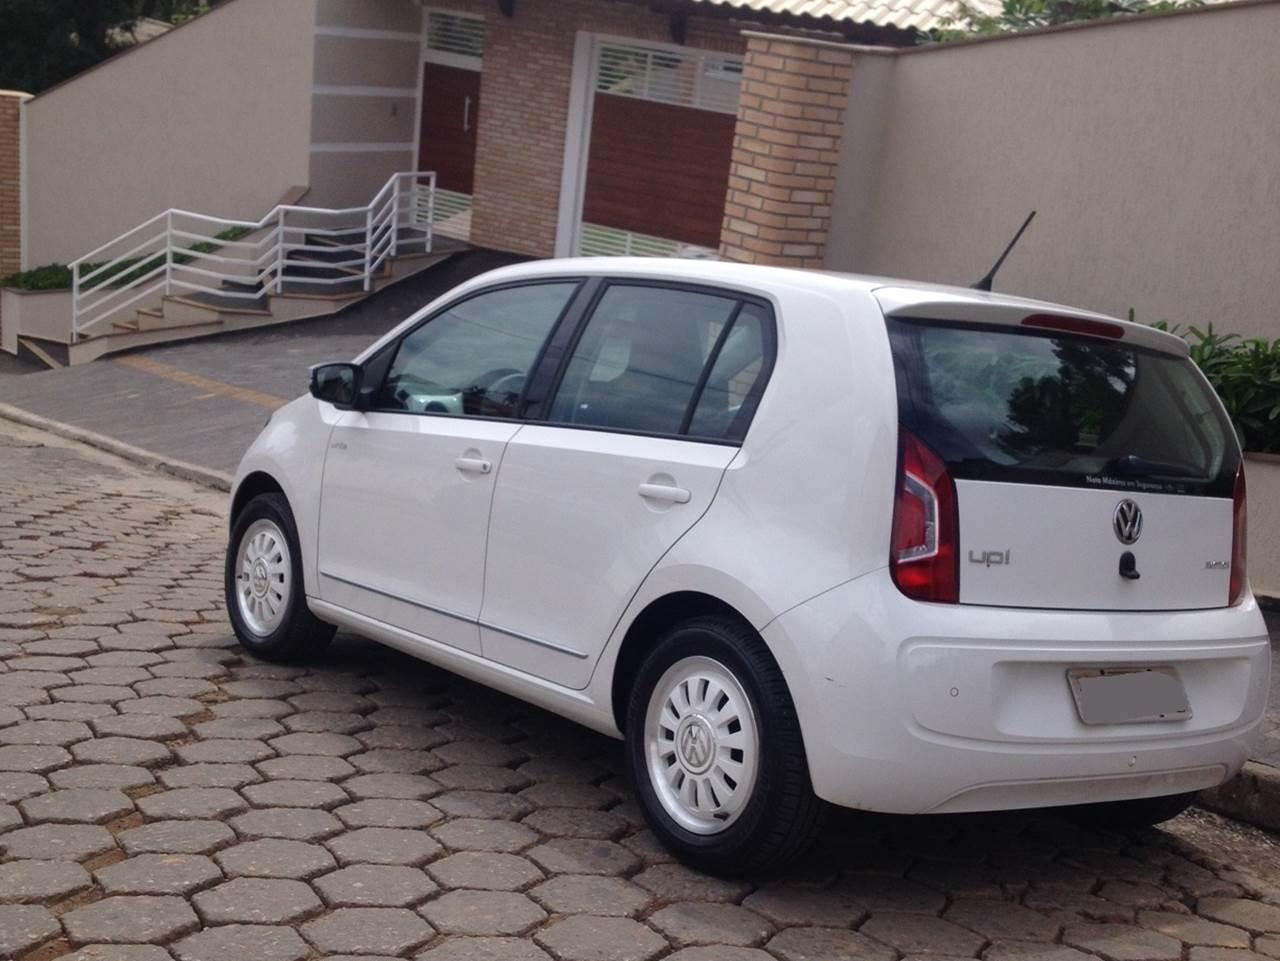 Volkswagen up! I-motion